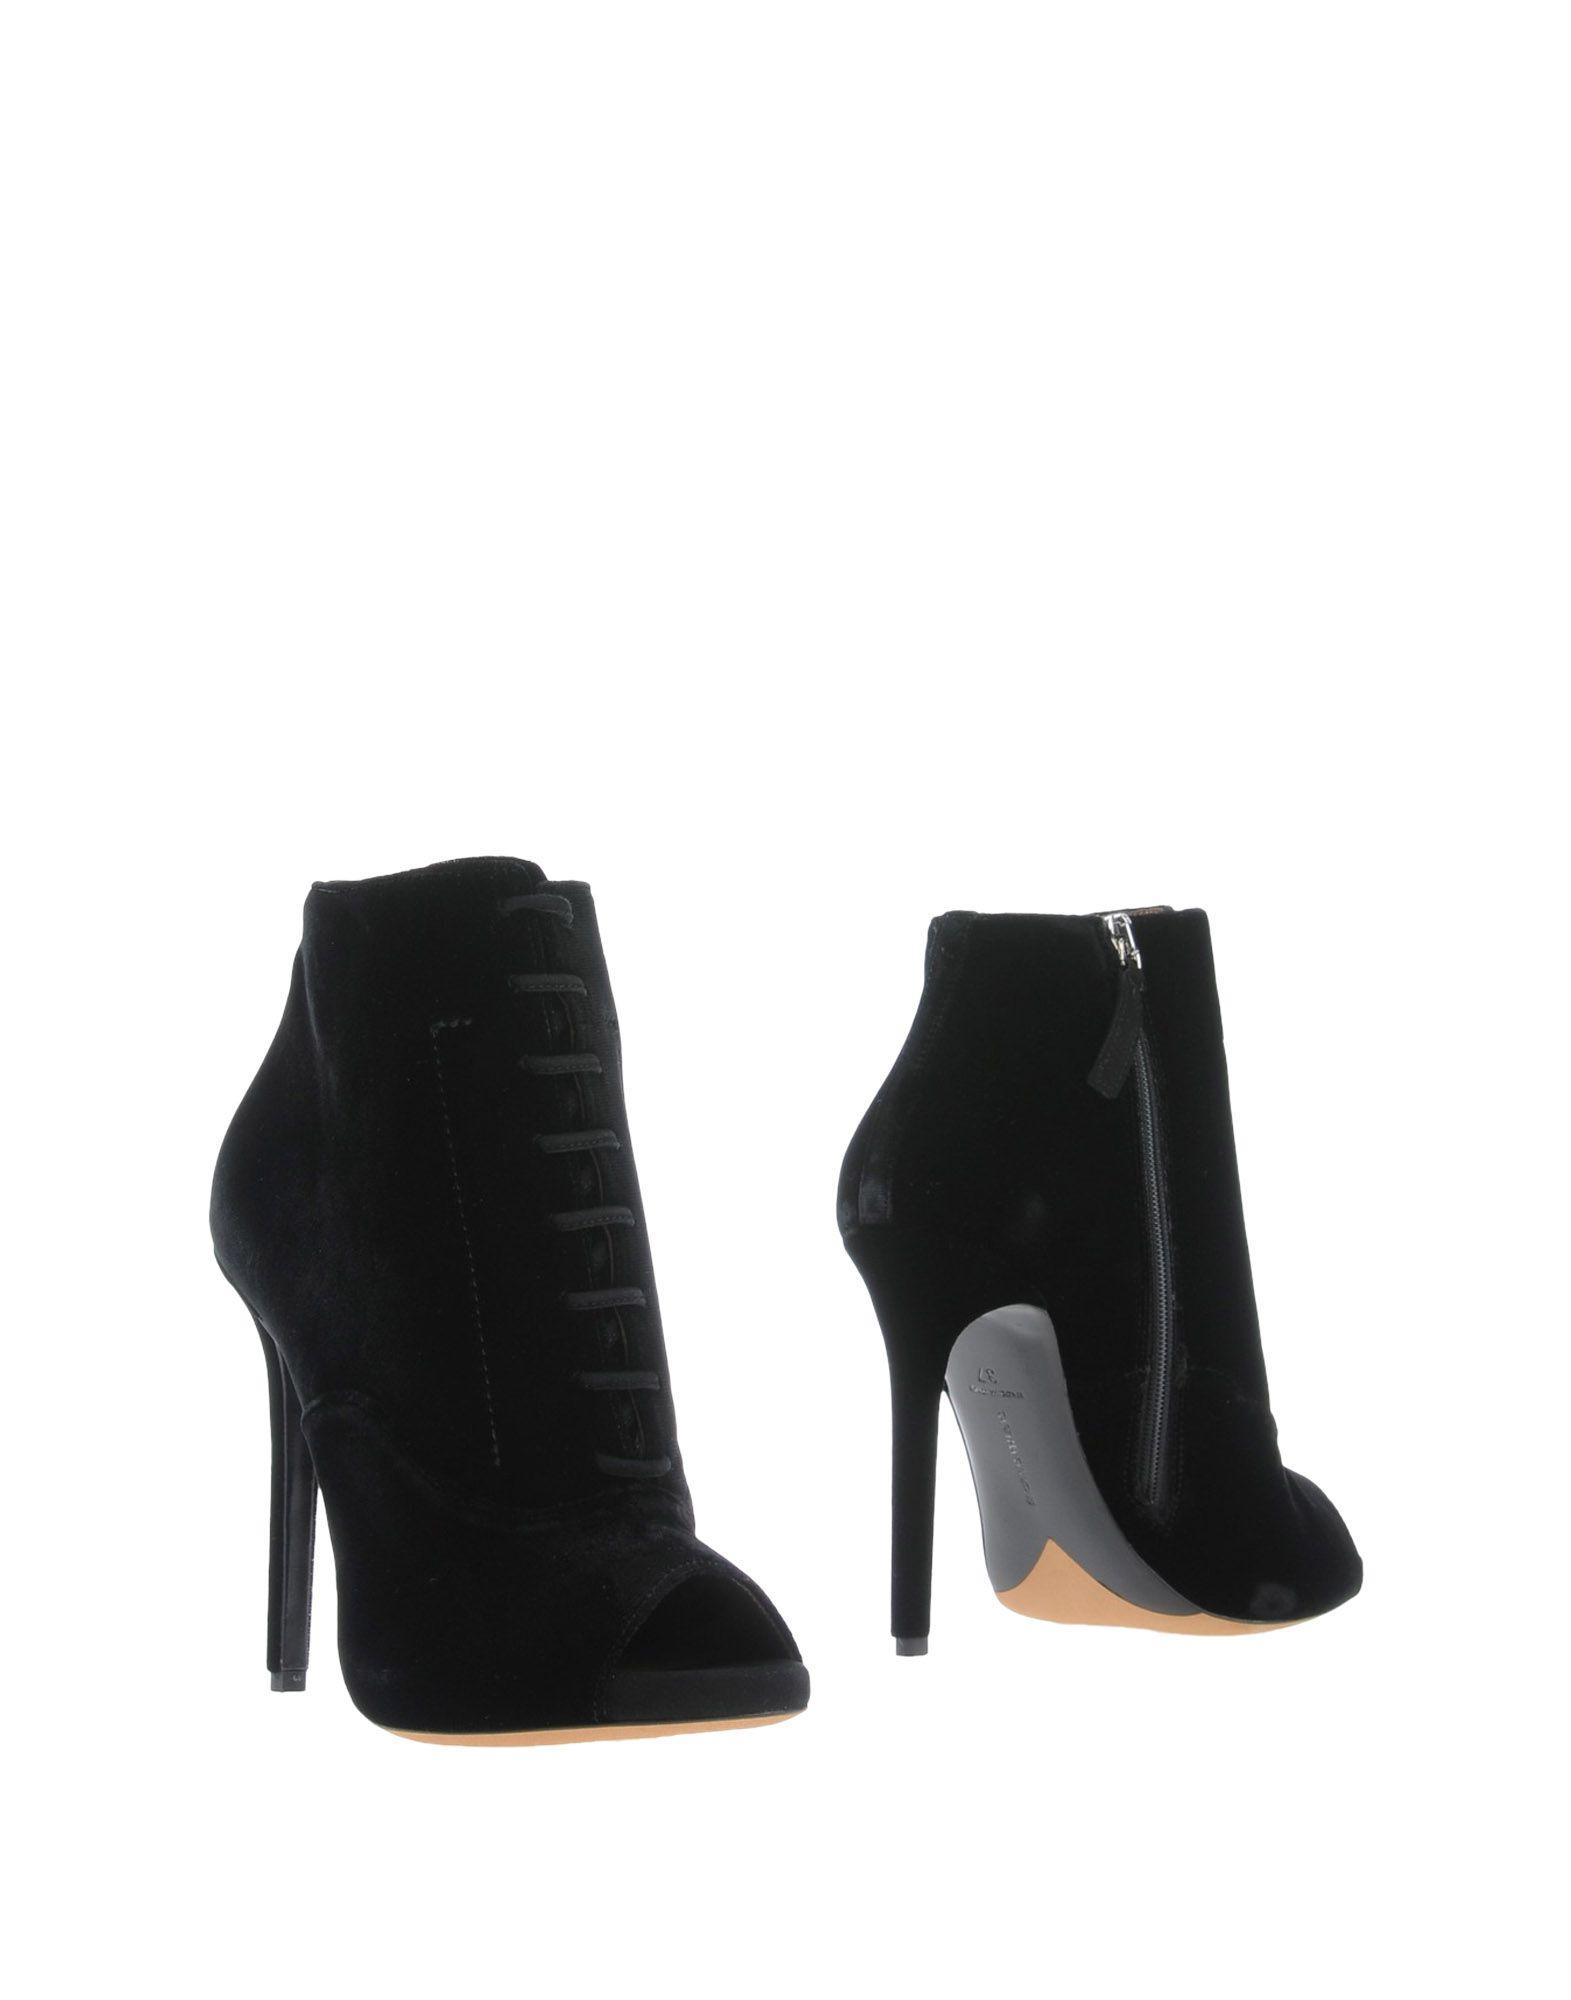 Tabitha Simmons Stiefelette Damen  11344496MAGünstige gut aussehende Schuhe